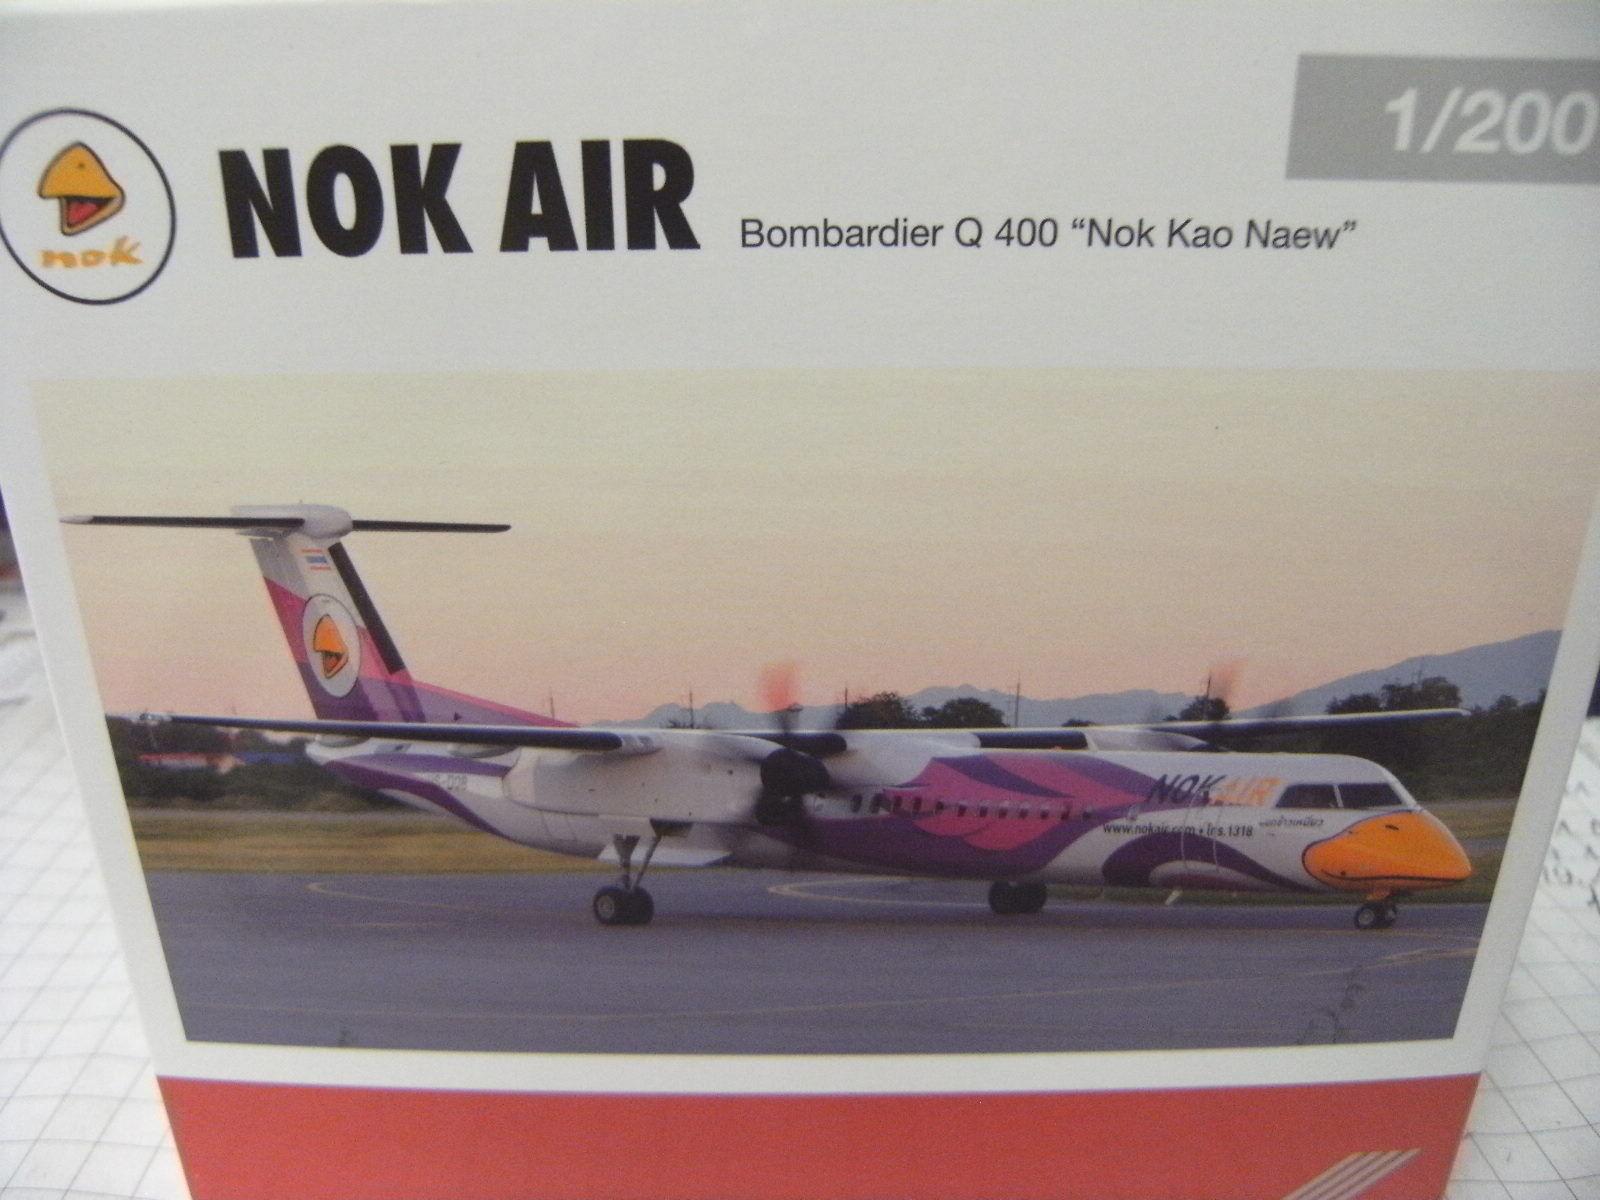 ventas calientes Herpa 1 200 558136 Nok Nok Nok Air bombardier q400  Nok kao neaw  nuevo embalaje original  suministro directo de los fabricantes